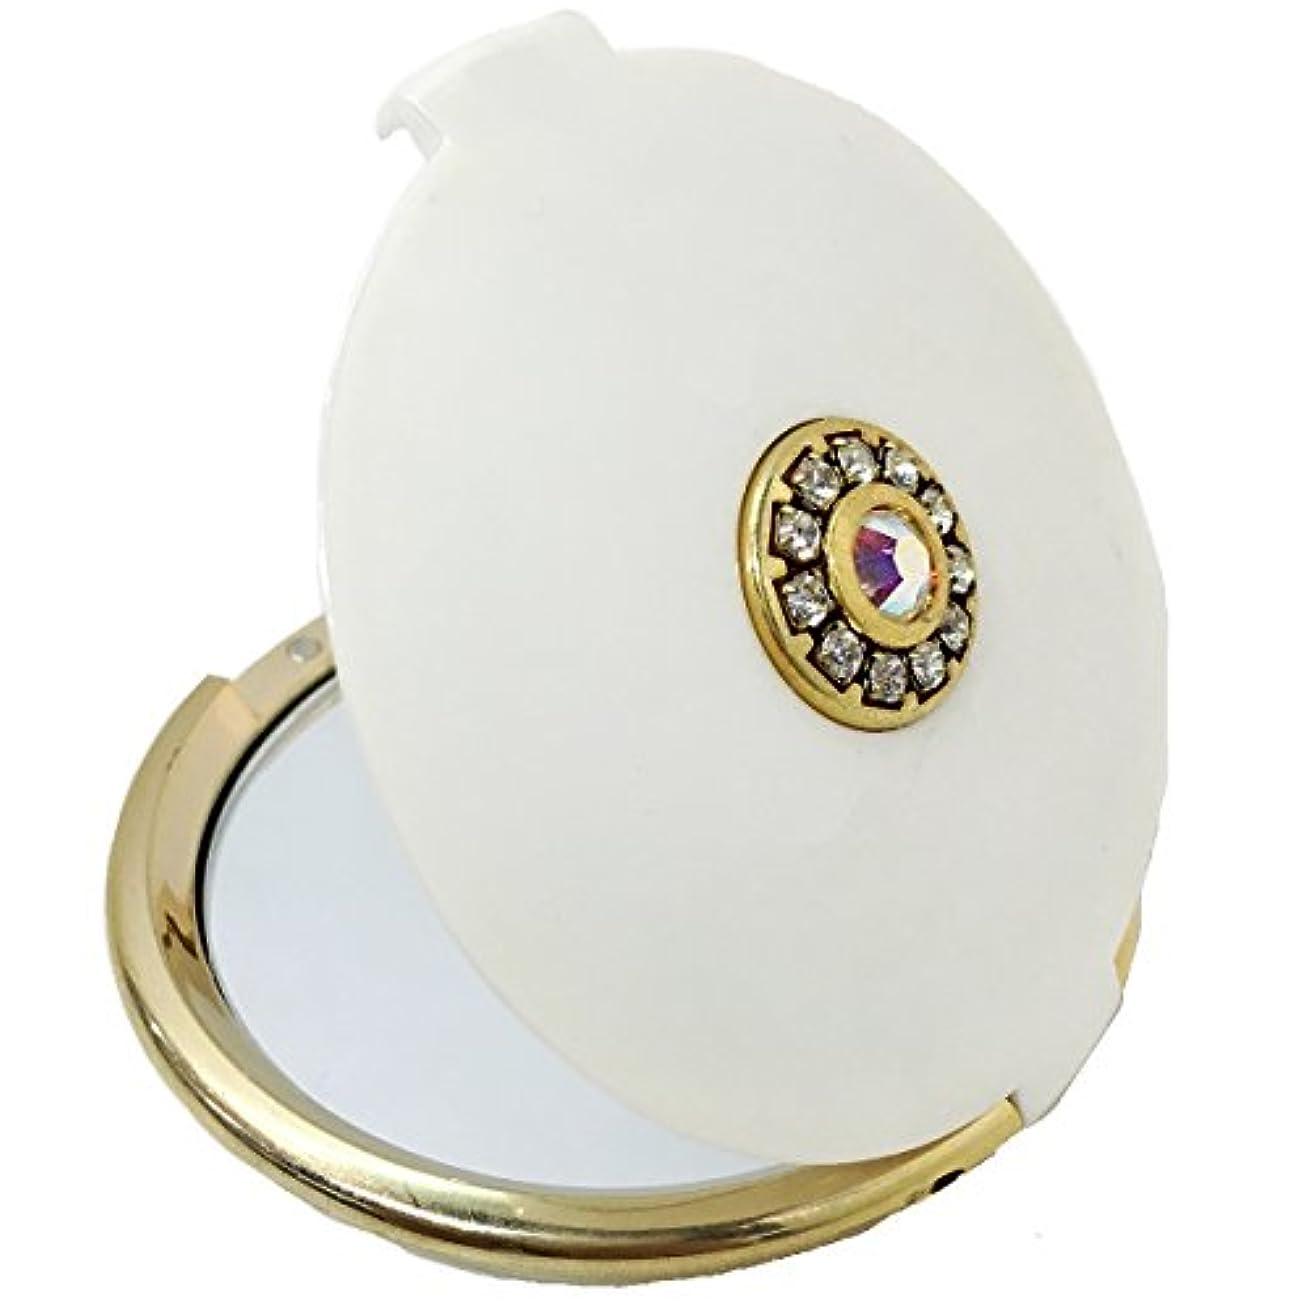 センコー 両面コンパクトミラー ホワイトパール ゴールド 直径:約8cm 51451